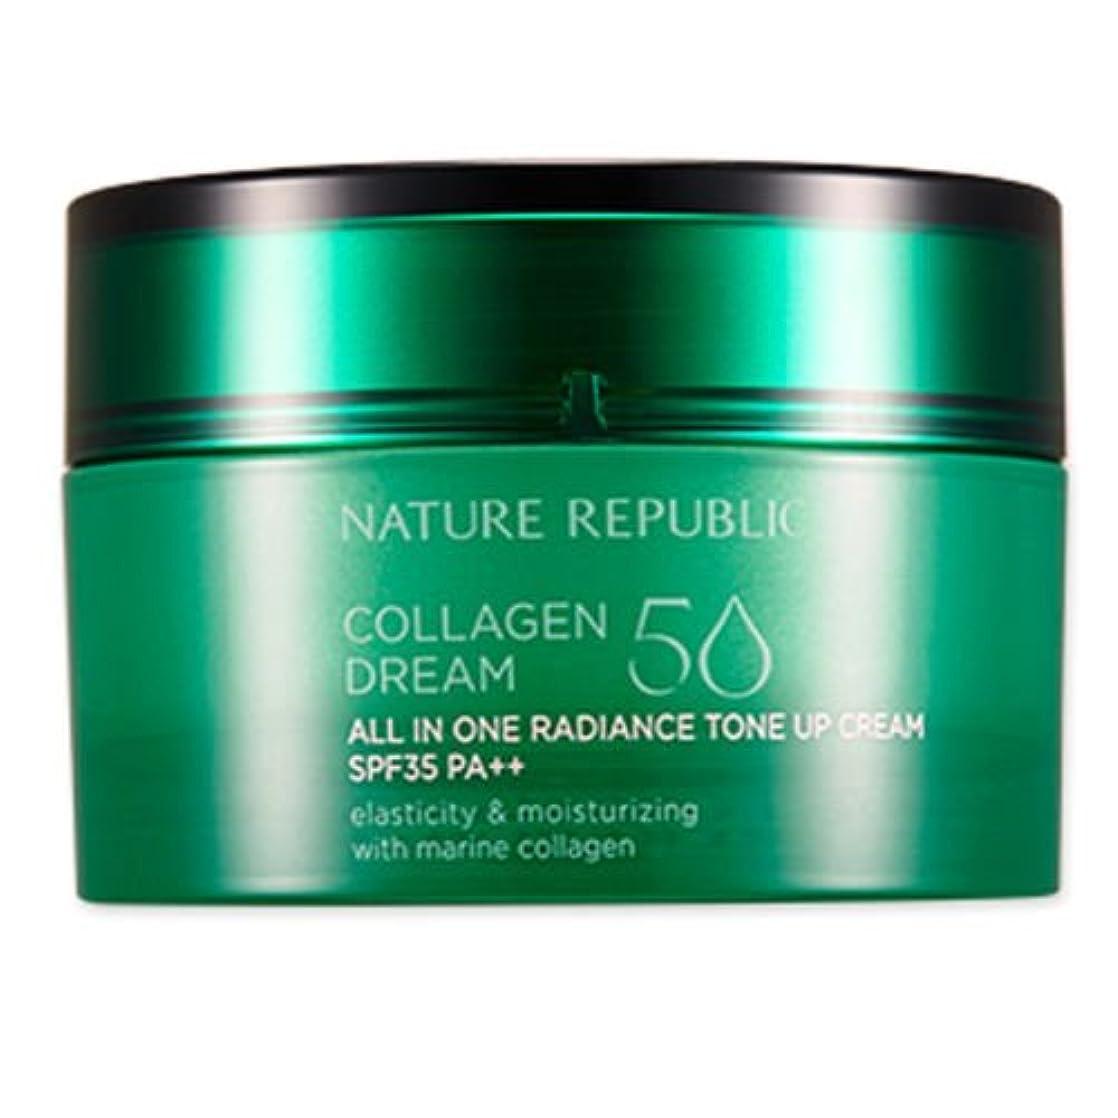 ハントねばねばリルNATURE REPUBLIC Collagen Dream 50 All-In-One Radiance Tone Up Cream(SPF35PA++) ネイチャーリパブリック [韓国コスメ ] コラーゲンドリーム50...